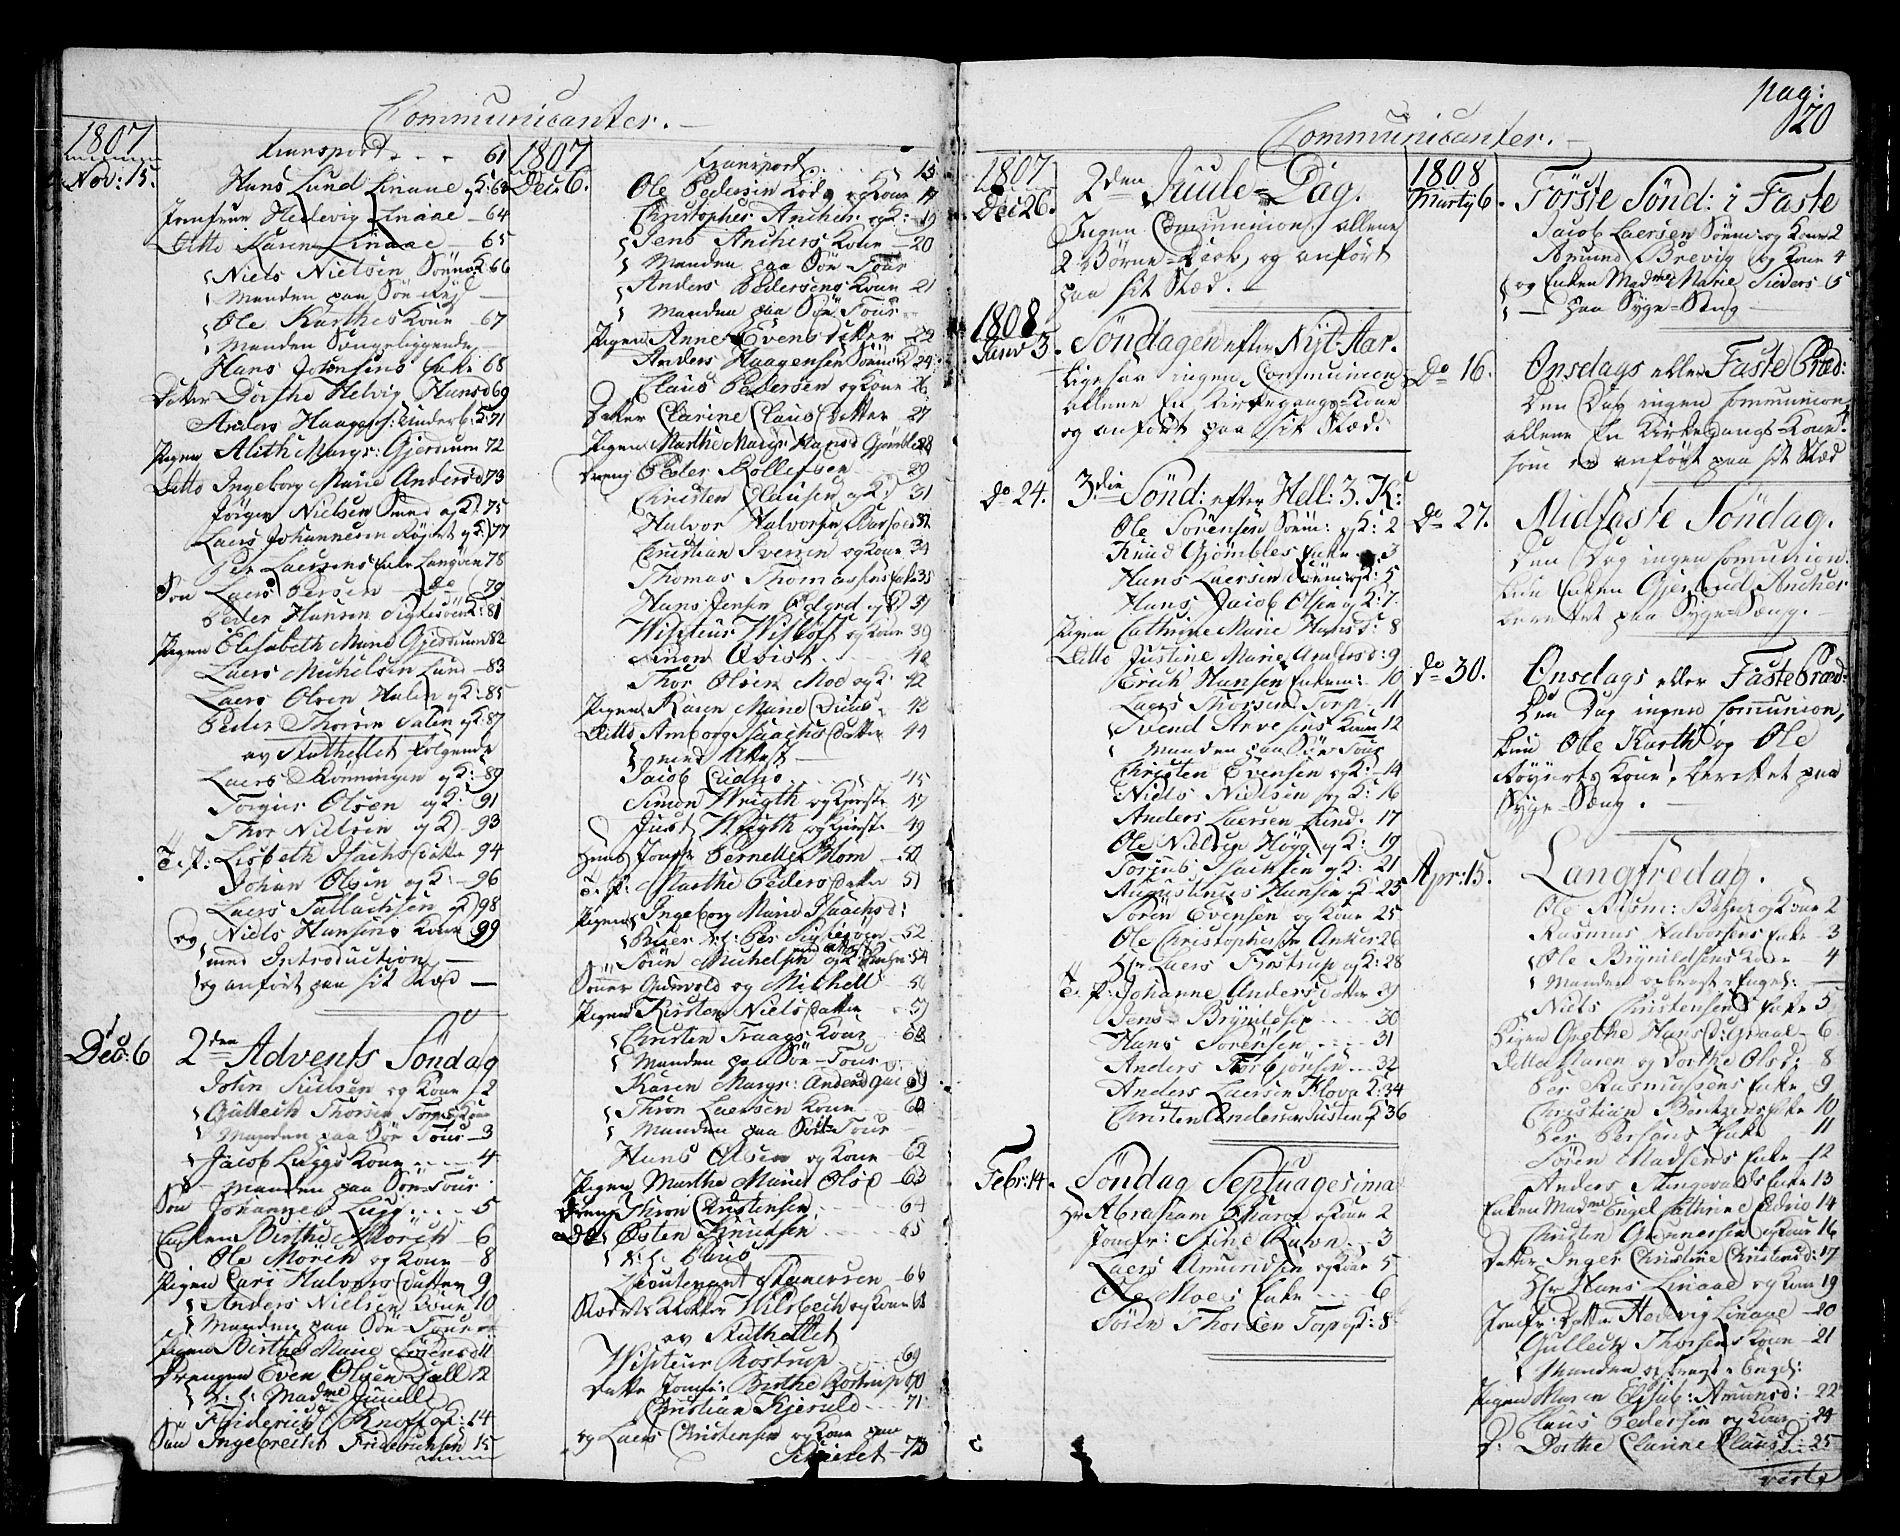 SAKO, Langesund kirkebøker, G/Ga/L0002: Klokkerbok nr. 2, 1801-1815, s. 20